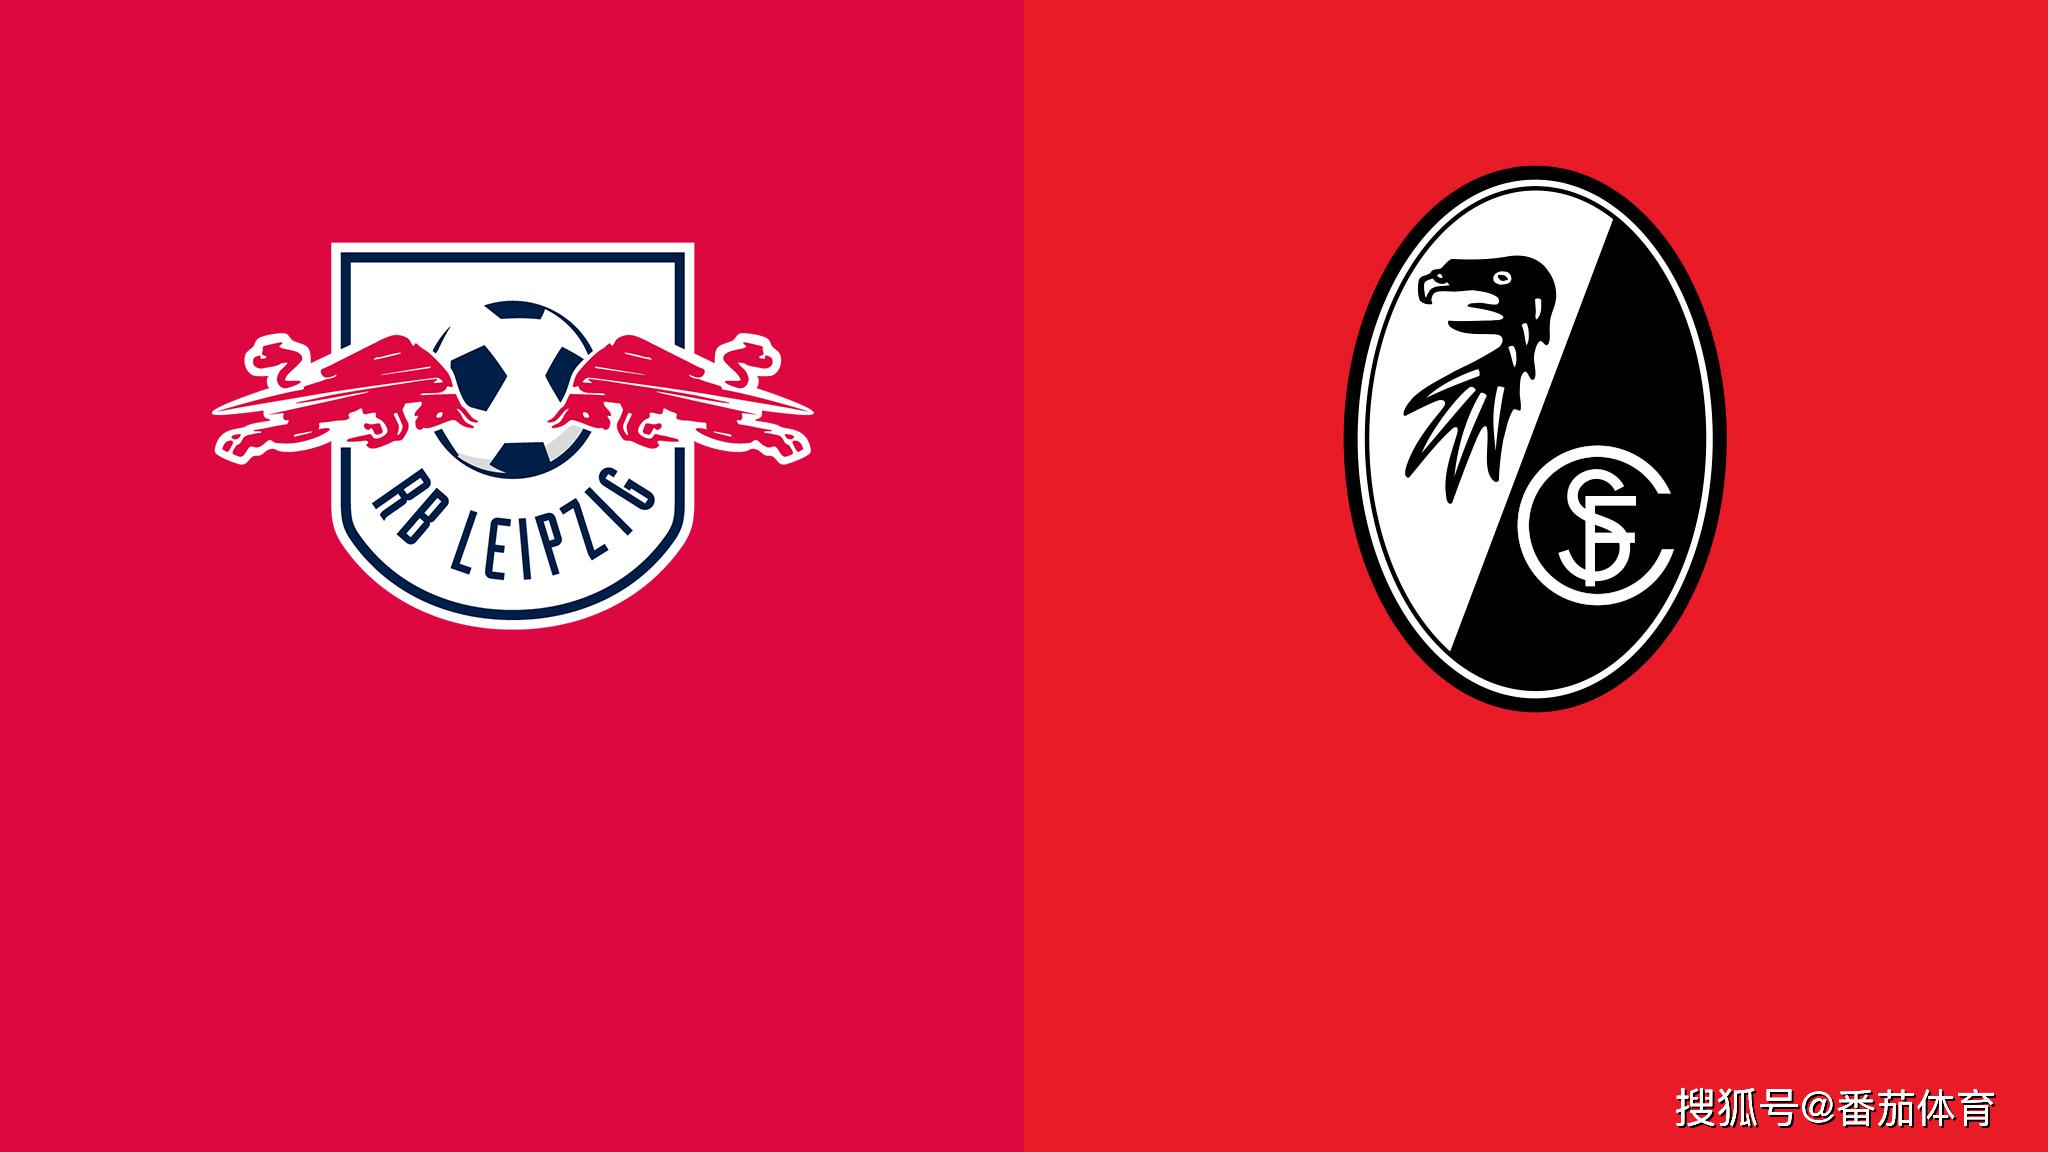 [德甲]经典对决:RB莱比锡vs弗赖堡,红牛攻势强猛袭来!